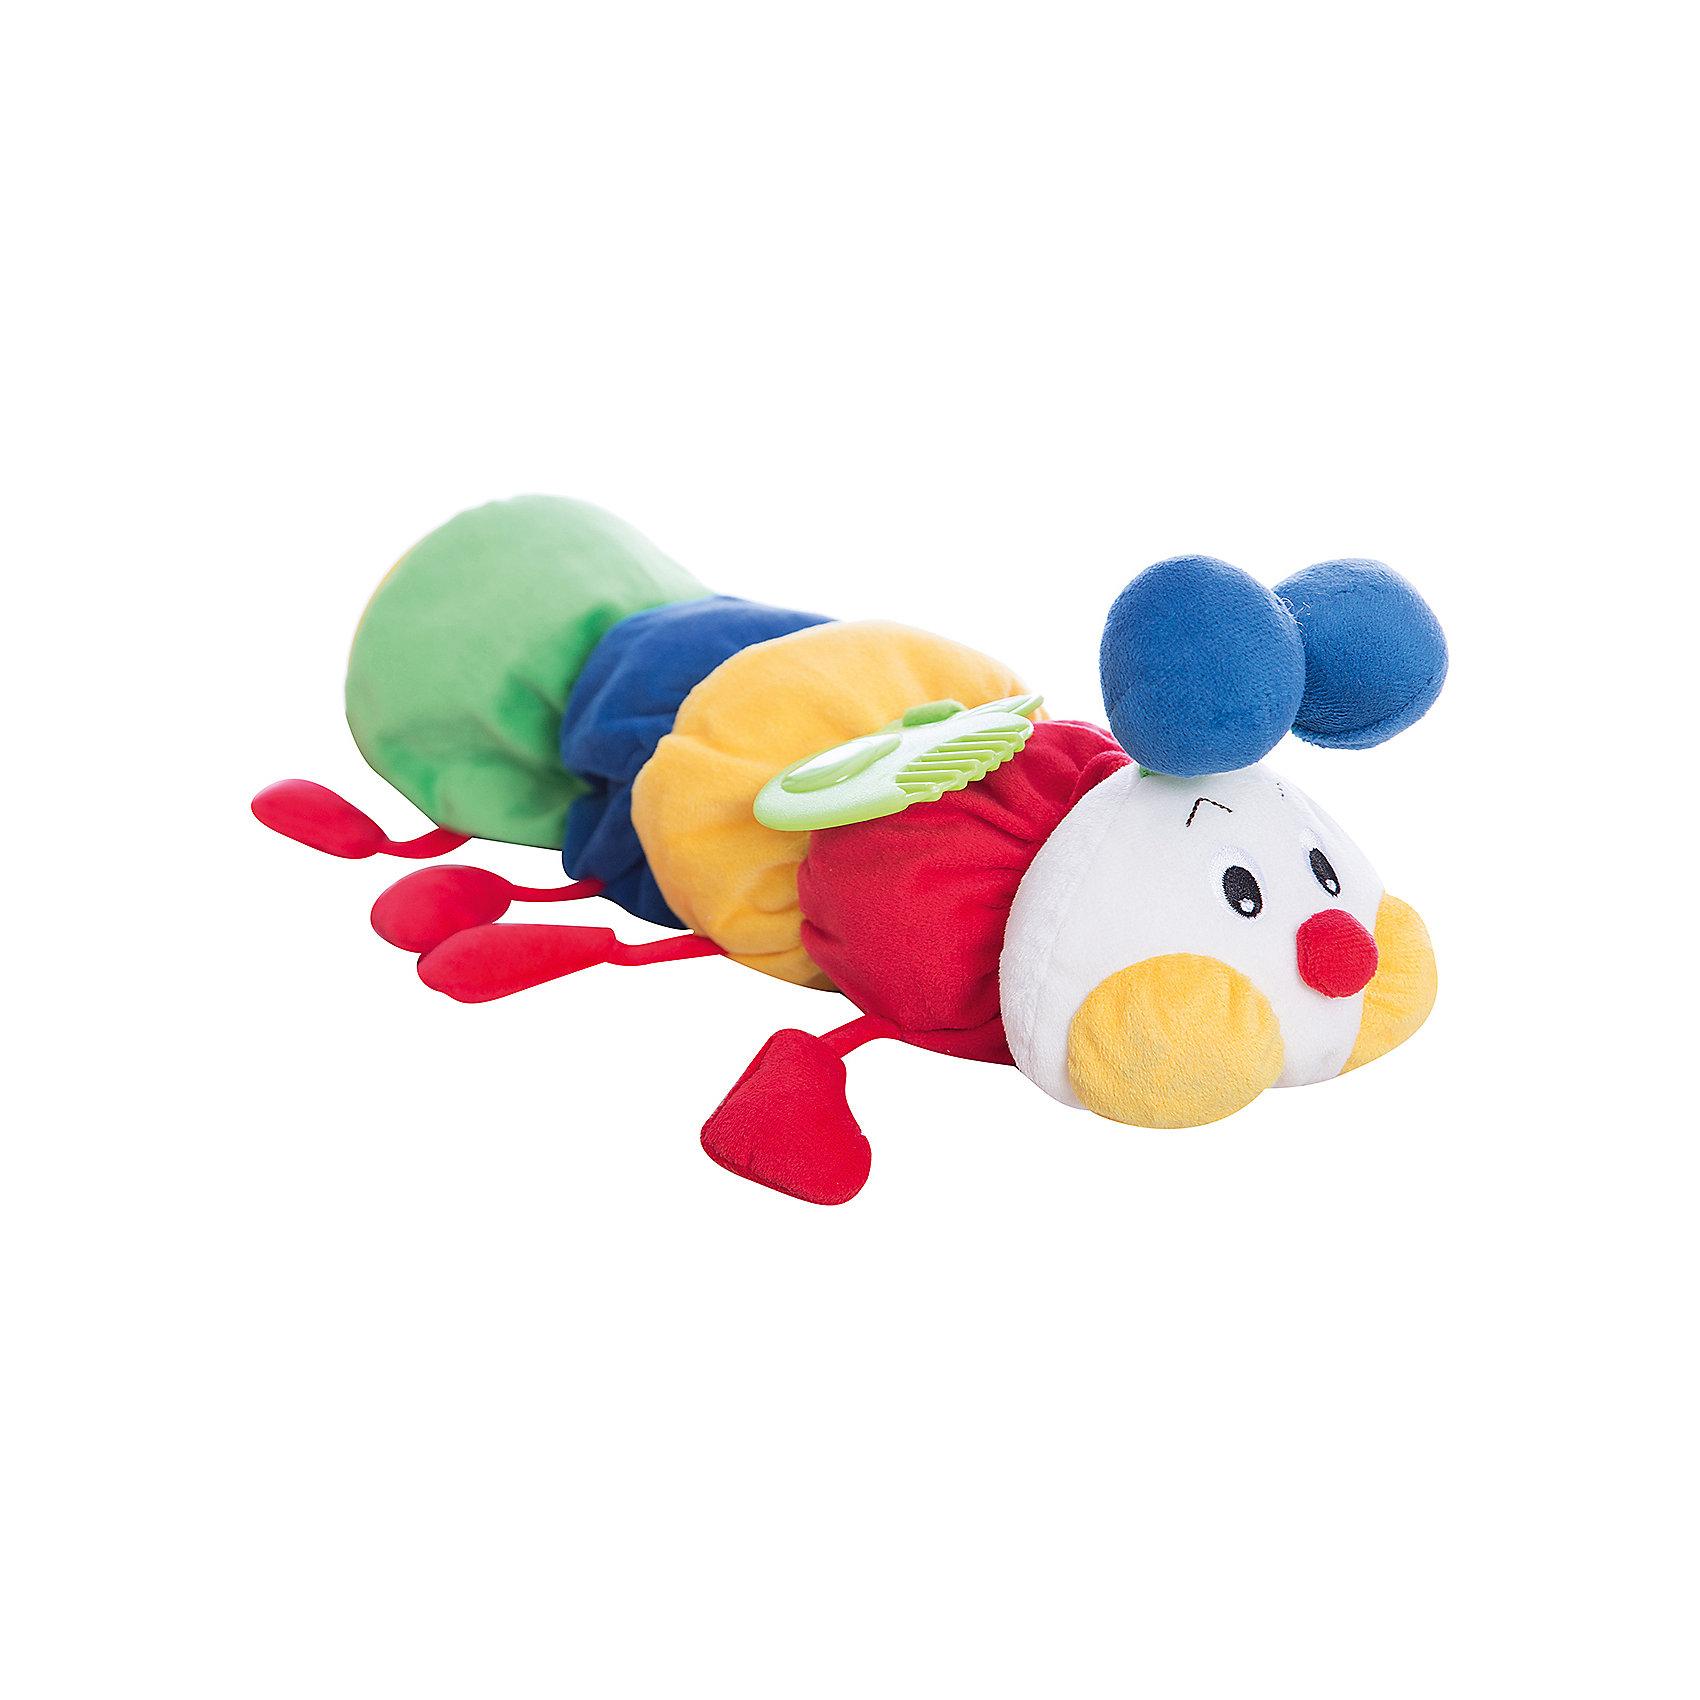 Развивающая мягкая игрушка Гусеничка с прорезывателем, Ks KidsИгрушка-сортер Гусеничка, Ks Kids (Кс Кидс)  ? развивающая многофункциональная игрушка, предназначенная самого раннего возраста. Игрушка-сортер выполнена из высококачественных гипоаллергенных материалов, приятных на ощупь. Гусеничка состоит из 5 деталей: милая мордочка с яркими элементами и 4 мягких блока-кубика. Каждый блок наделен своими особенностями: на одном имеется прорезыватель, на втором ? безопасное зеркальце, на третьем ? шуршащий листочек, а в четвертом ?тзвенящий элемент внутри кубика. Между собой кубики соединяются благодаря отверстиям и выпуклым элементам в форме геометрических фигур. Поэтому, собрать в произвольном порядке тело гусенички не получится, что имеет достаточно важный обучающий смысл.<br>Игрушка-сортер Гусеничка, Ks Kids (Кс Кидс)  ? игрушка, с которой ваш ребенок легко освоит простейшие конструкторские навыки. Функциональные элементы сортера будут способствовать развитию интеллектуальных способностей, пространственного и логического мышления. Для самых маленьких гусеничка будет эффективна с целью развития зрительных, тактильных и слуховых способностей.<br><br>Дополнительная информация:<br><br>- Вид игр: развивающие<br>- Предназначение: для дома, для детского сада, для детских развивающих центров<br>- Материал: текстиль<br>- Размер: 48*13*12 см<br>- Вес: 475 г<br>- Особенности ухода: допускается ручная стирка<br><br>Подробнее:<br><br>• Для детей в возрасте: от 0 года до 1 года<br>• Страна производитель: Китай<br>• Торговый бренд: Ks Kids (Кс Кидс)<br><br>Игрушку-сортер Гусеничку, Ks Kids (Кс Кидс) можно купить в нашем интернет-магазине.<br><br>Ширина мм: 480<br>Глубина мм: 130<br>Высота мм: 120<br>Вес г: 475<br>Возраст от месяцев: 0<br>Возраст до месяцев: 12<br>Пол: Унисекс<br>Возраст: Детский<br>SKU: 4799443